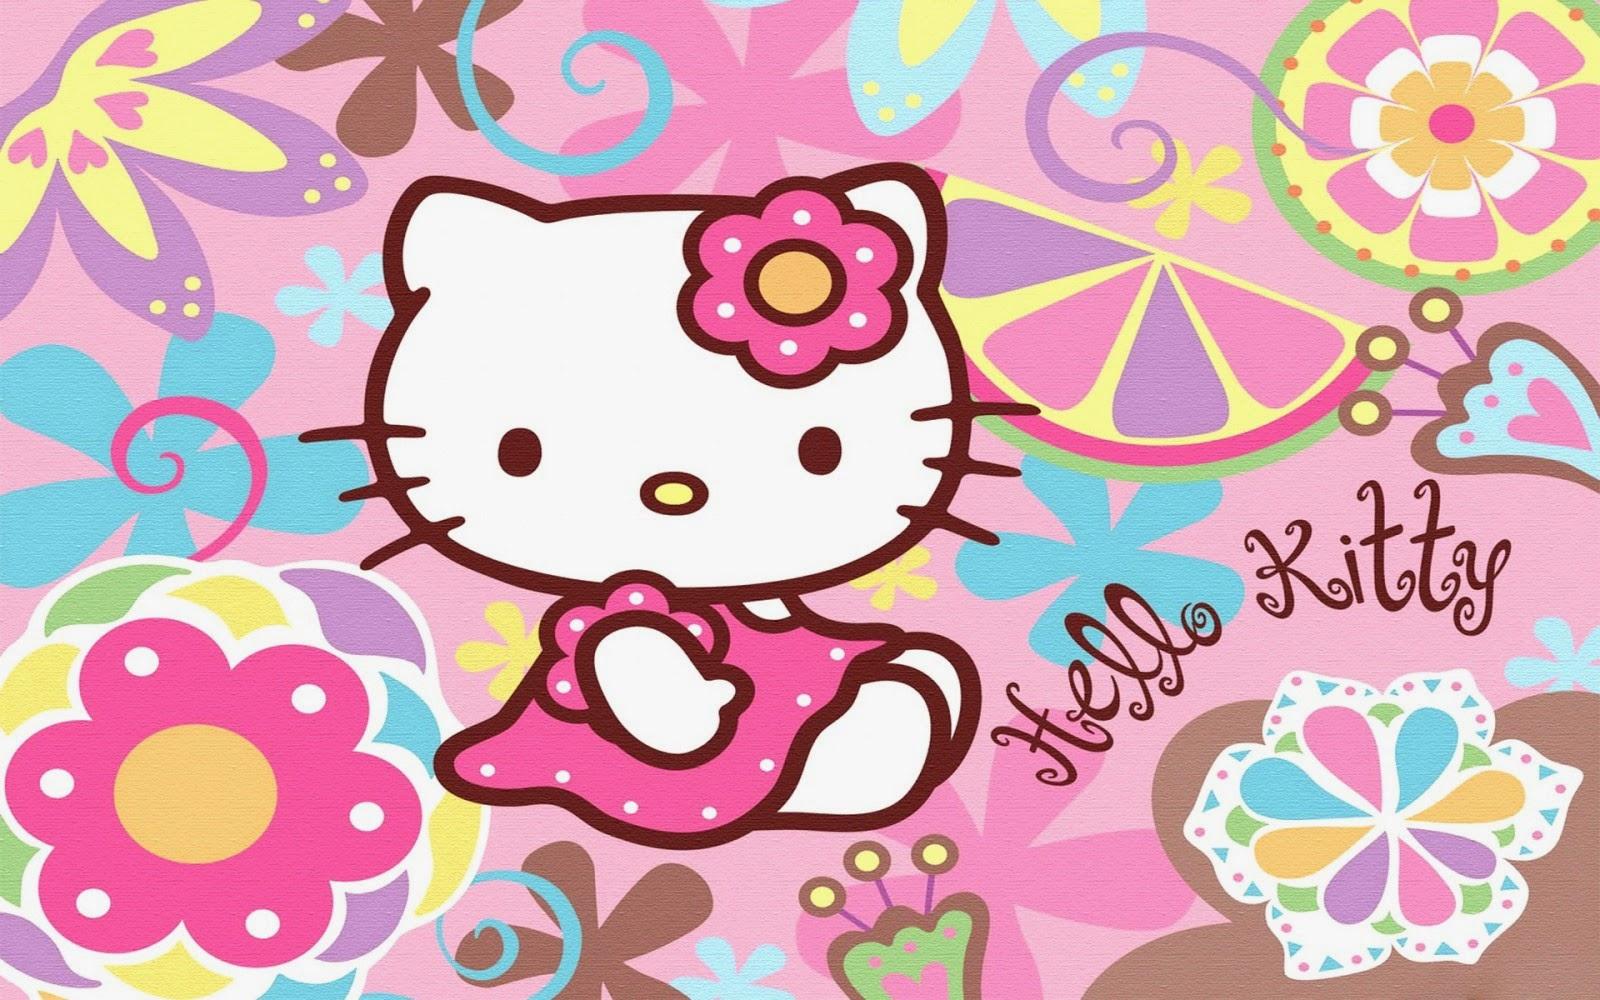 Great Wallpaper Hello Kitty Portrait - Hello-Kitty-Wallpaper-2  Snapshot_605966.jpg